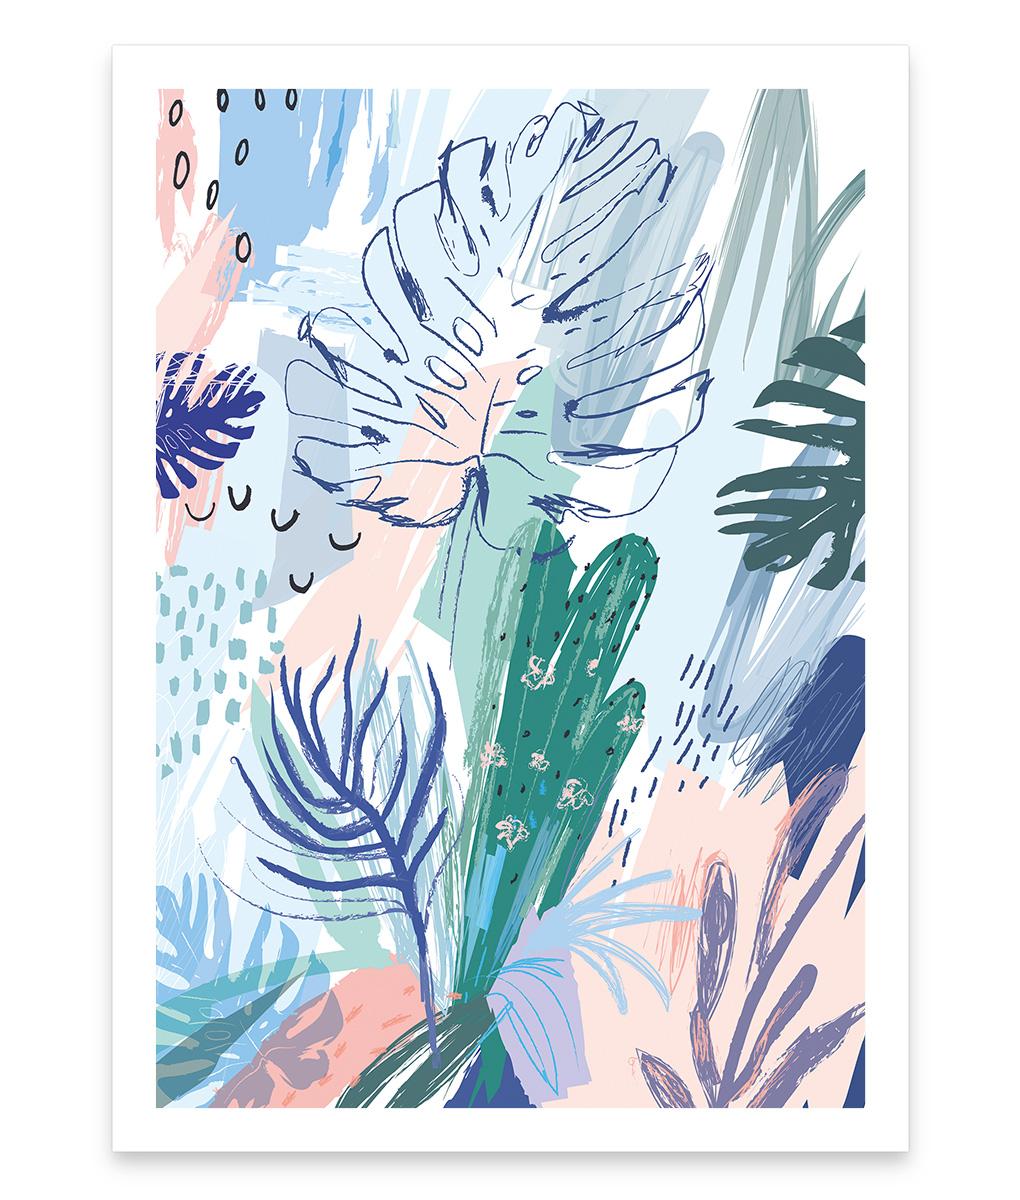 Cactus jungle, une affiche colorée de plantes tropicales et cactus